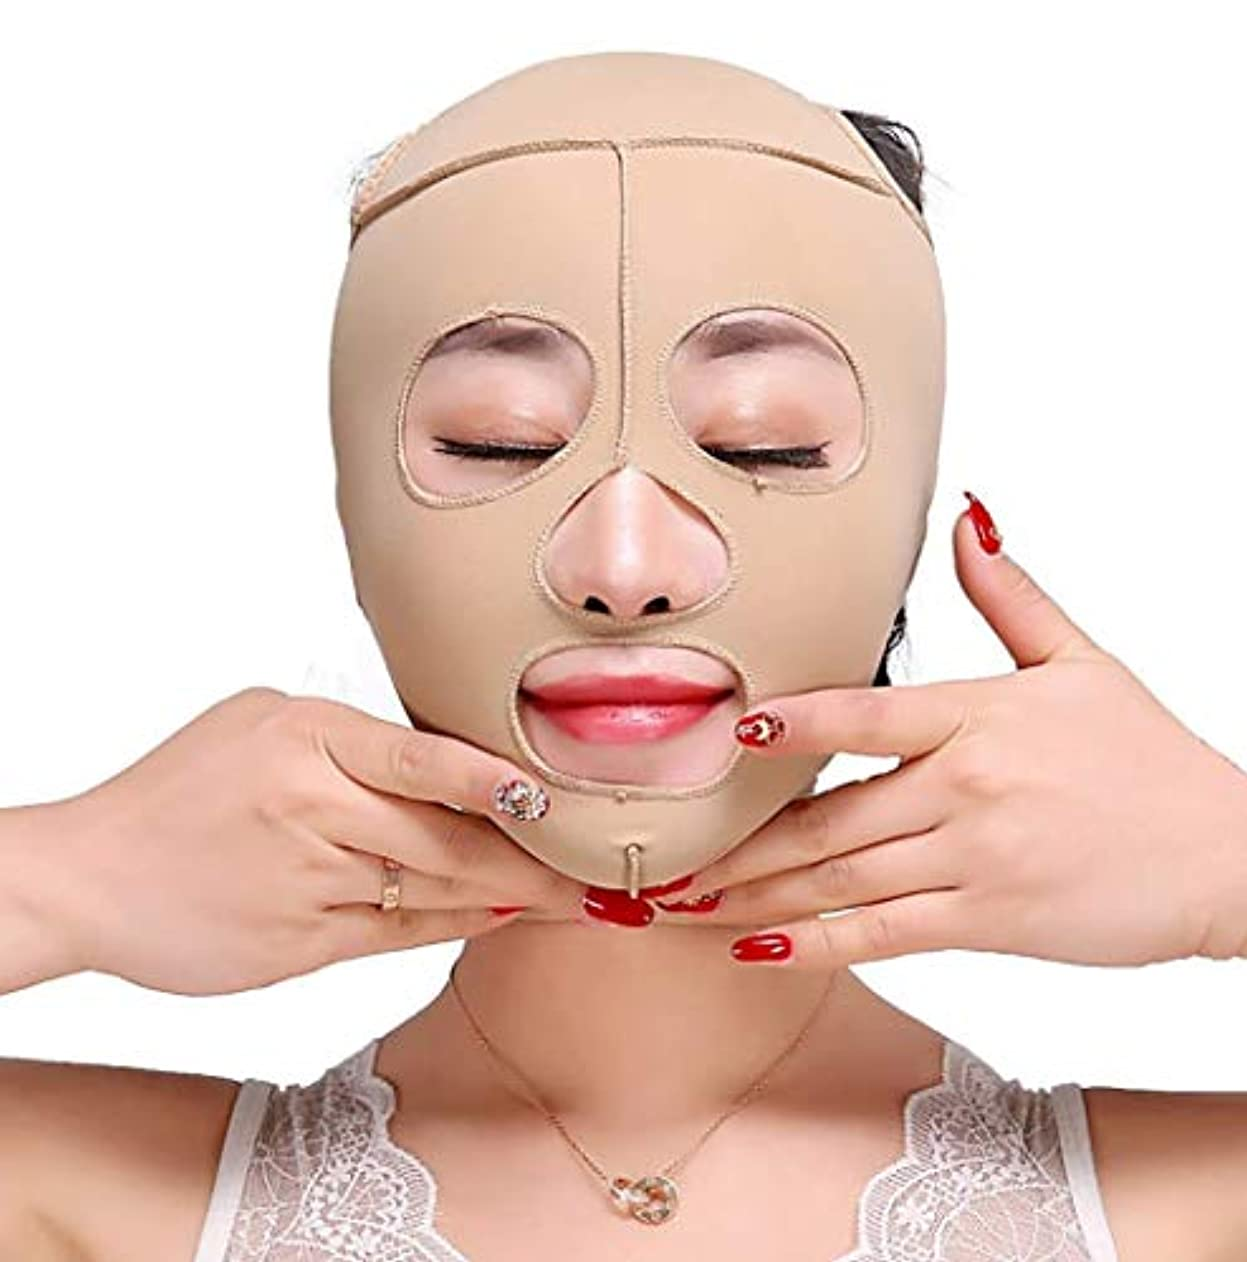 ベリー聴衆感情の引き締めフェイスマスク、スリミングベルトフェイスリフティングバンデージスモールVフェイスマスクフェイスリフティングフェイスマスクバンデージリフティングファーミングVフェイスビューティーフェイスマスクスモールフェイスバンデージヘッドギア...